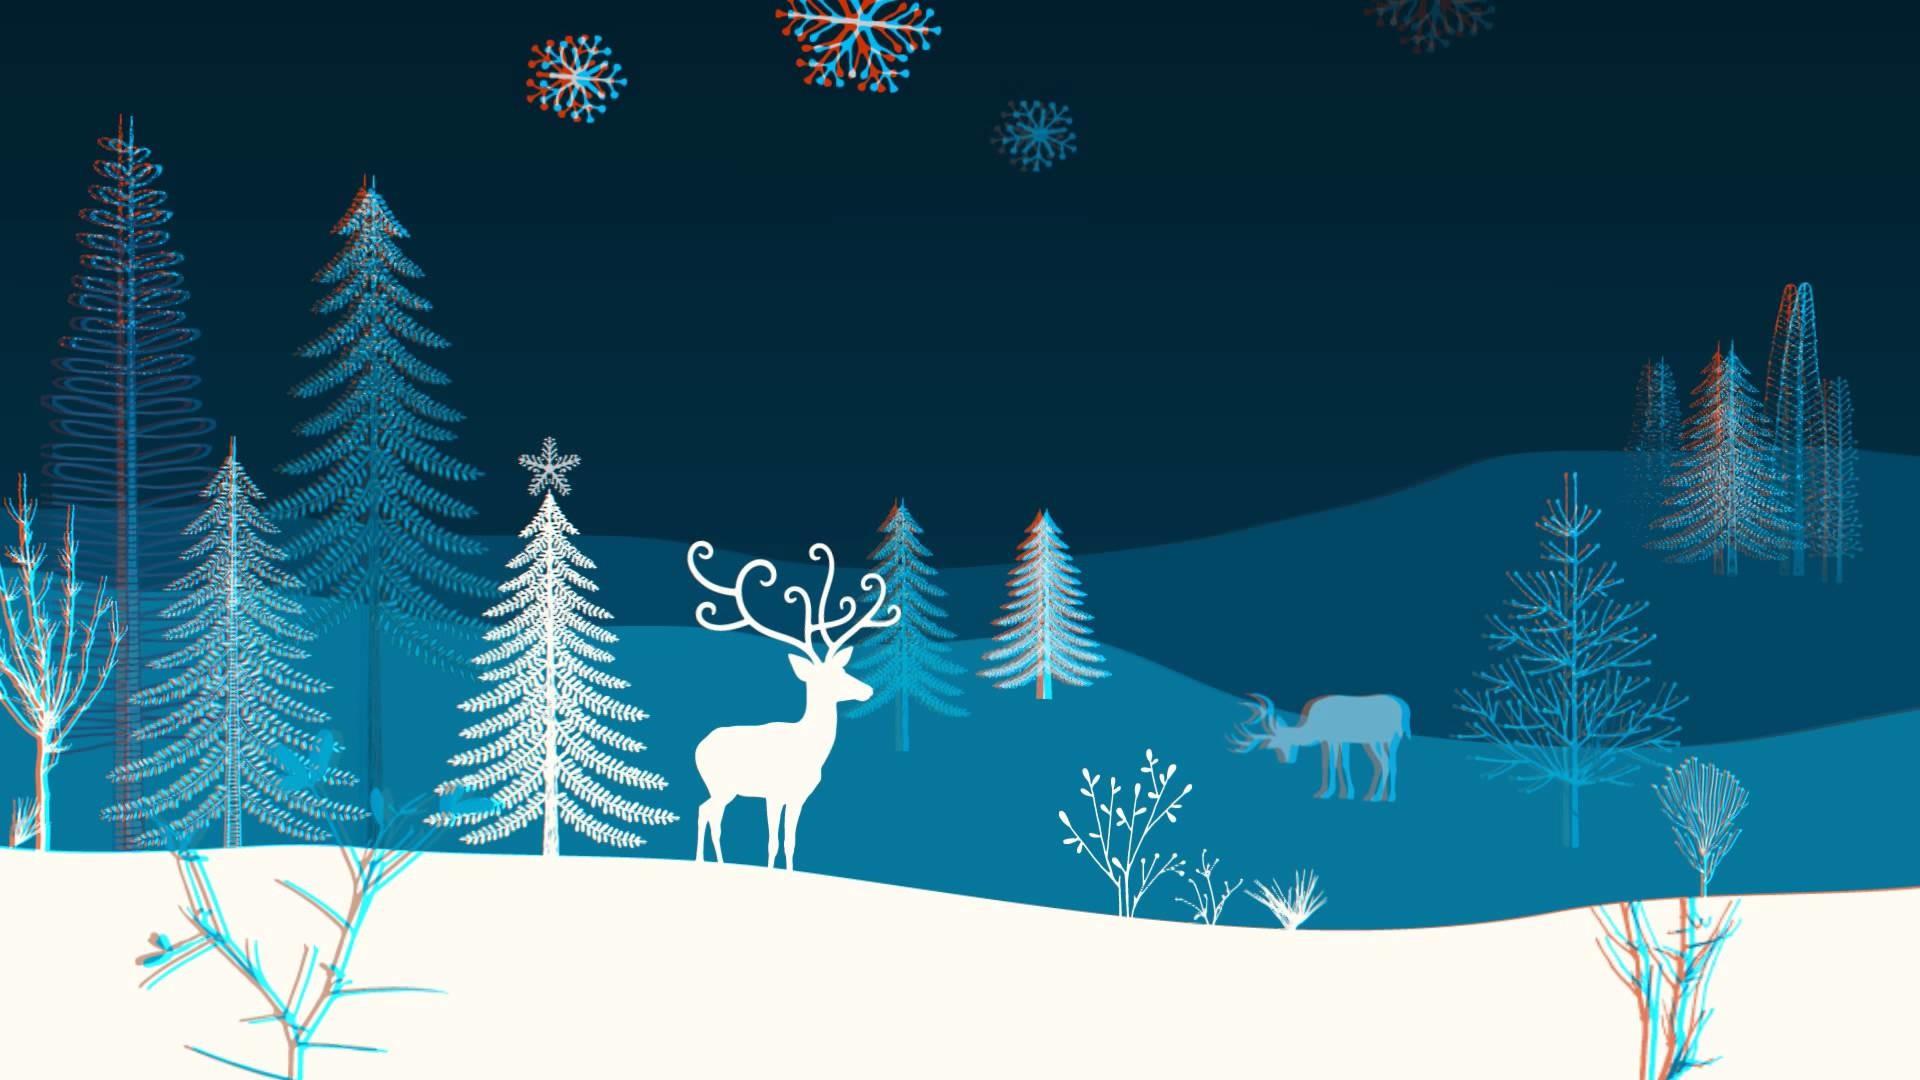 3D Christmas Music BG – Winter Outdoors Scene